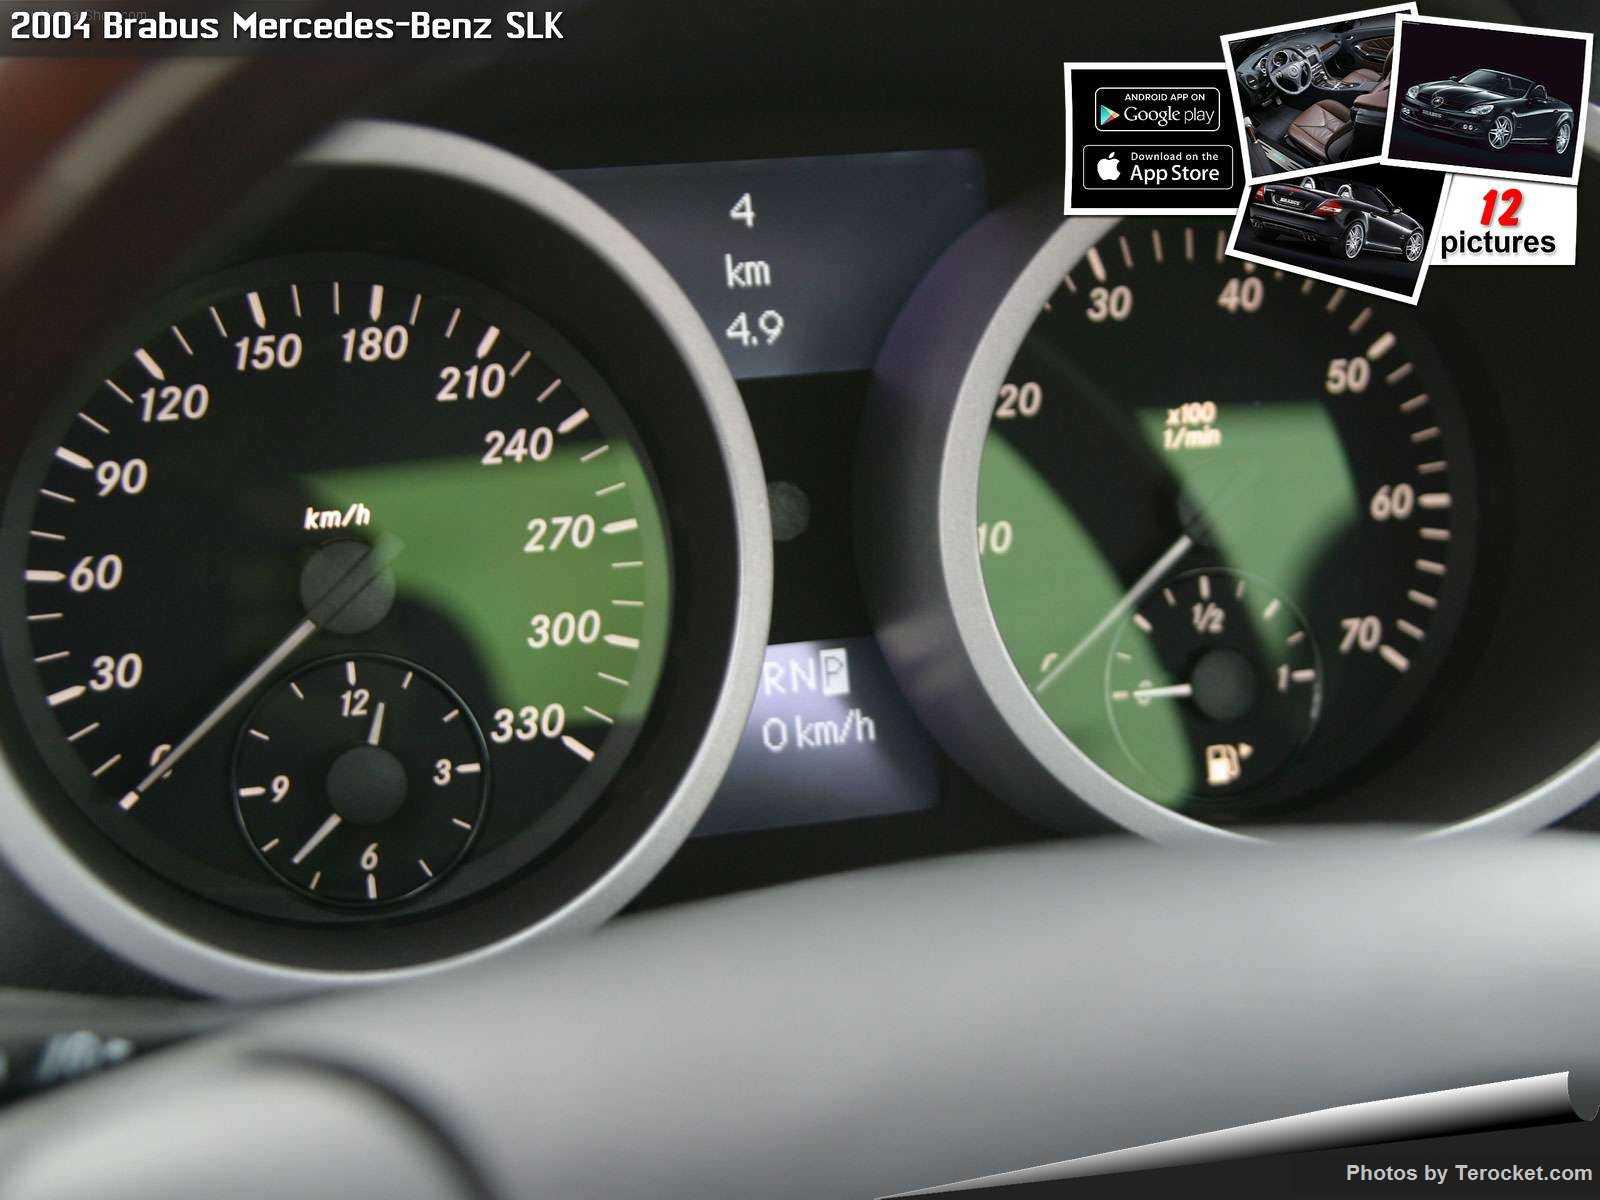 Hình ảnh xe ô tô Brabus Mercedes-Benz SLK 2004 & nội ngoại thất